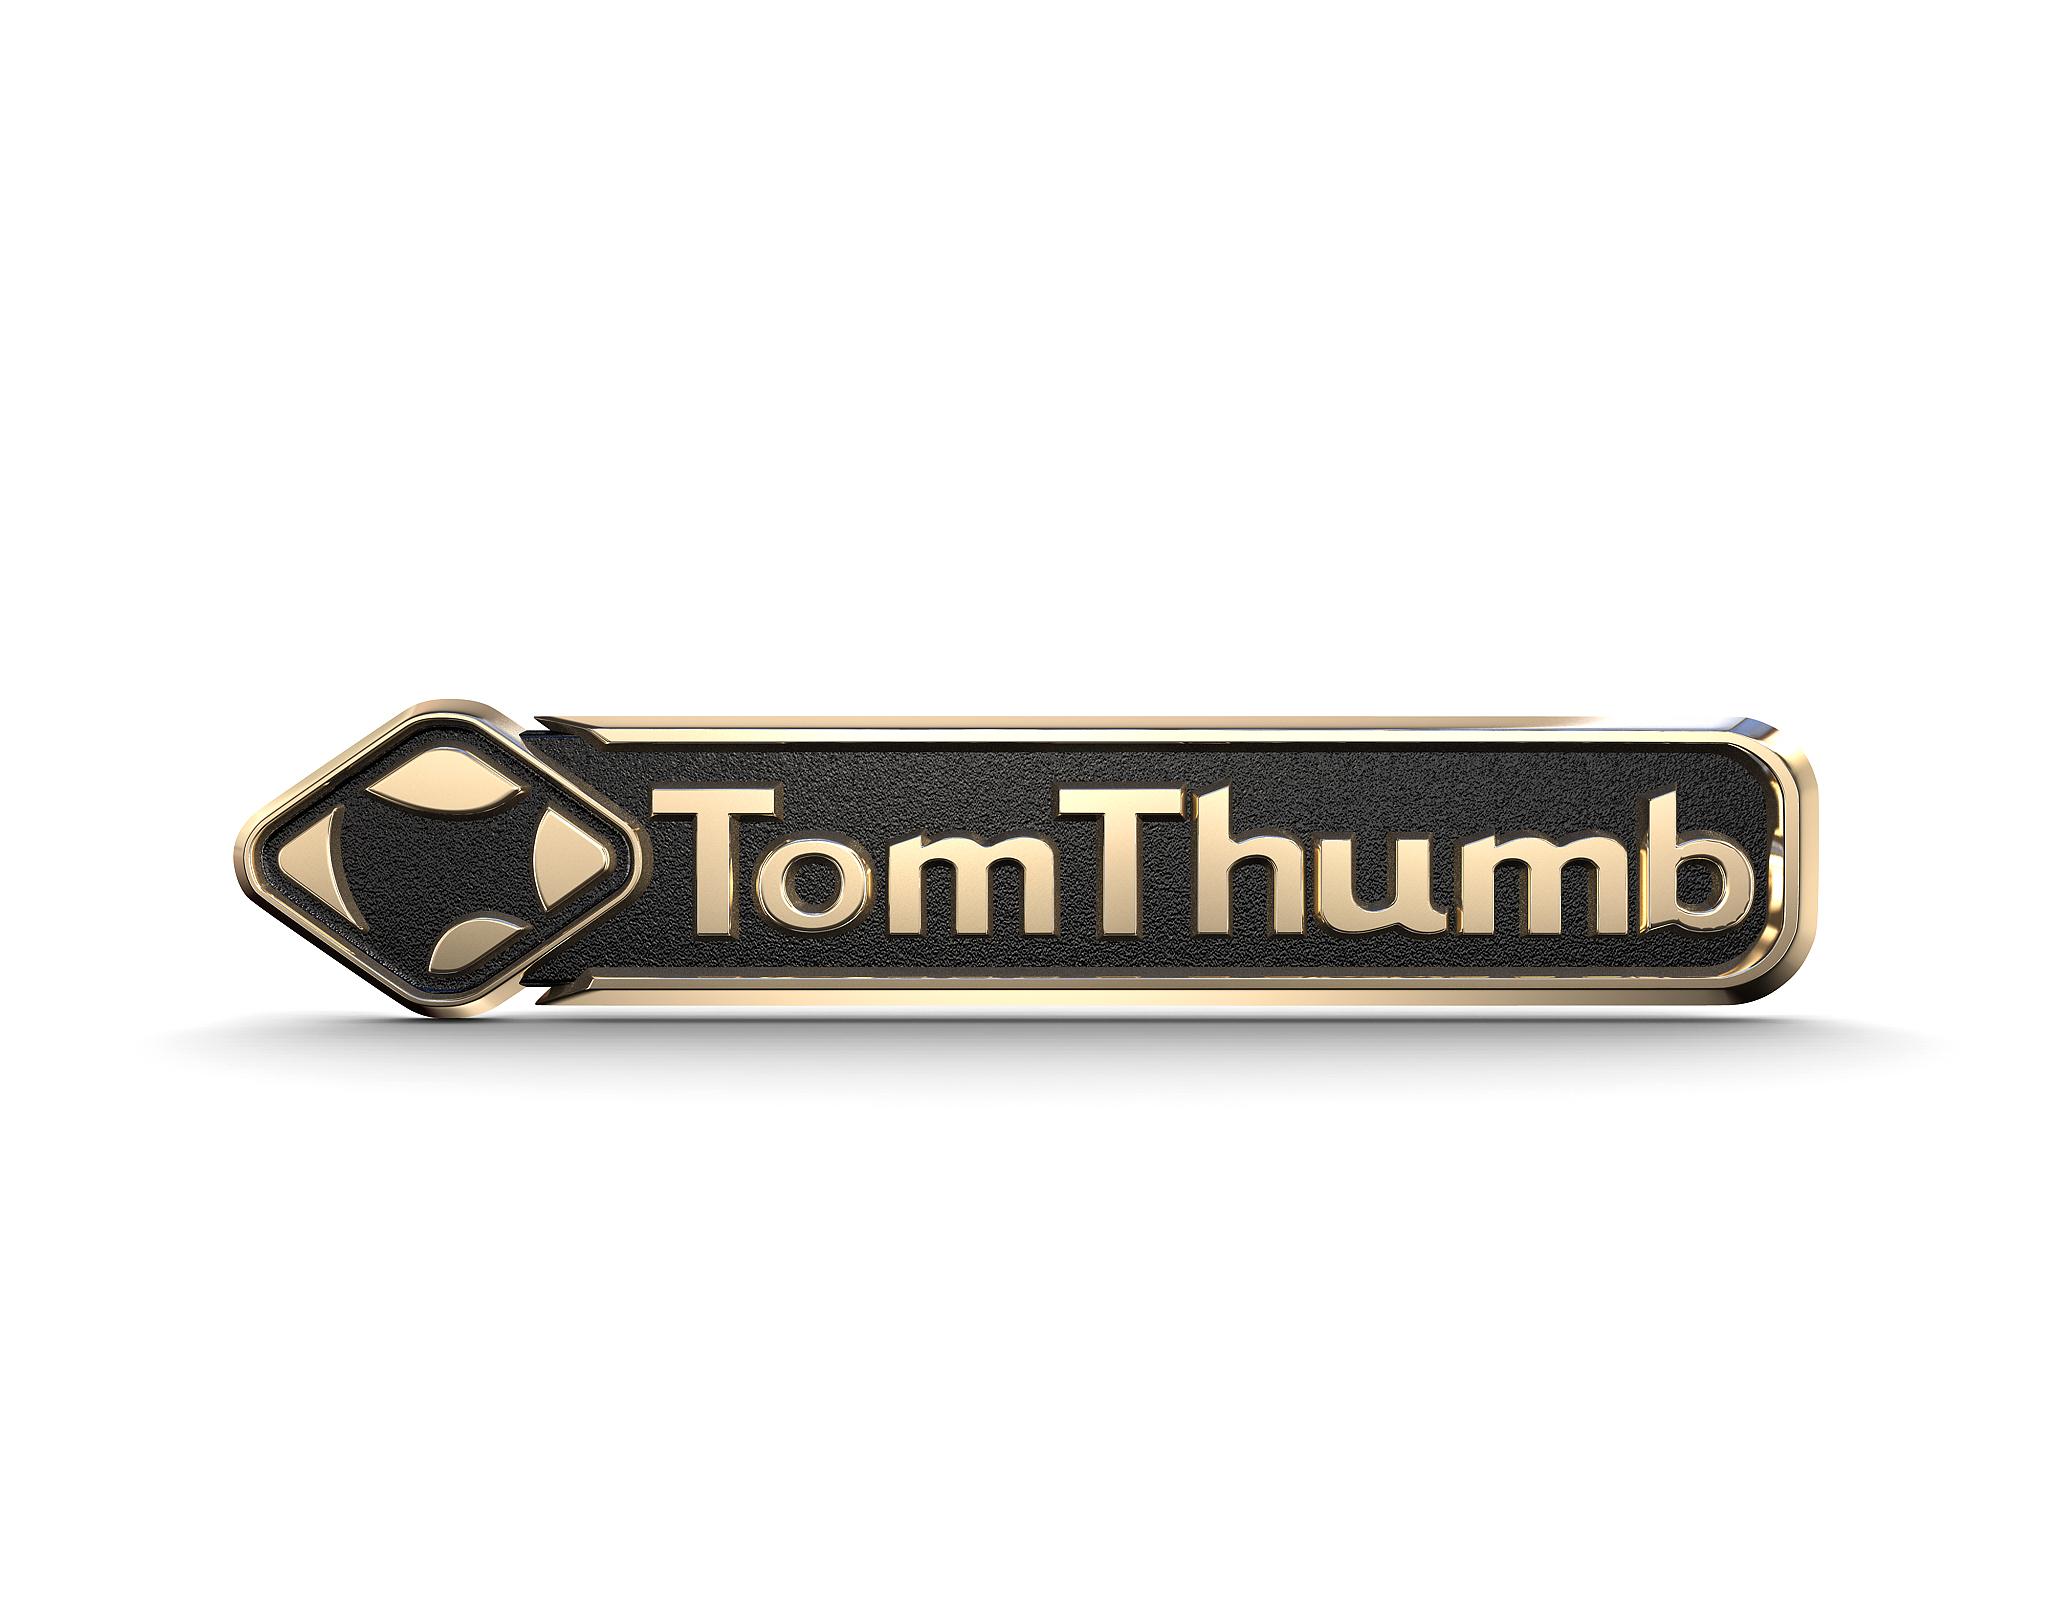 TomThumb.jpg